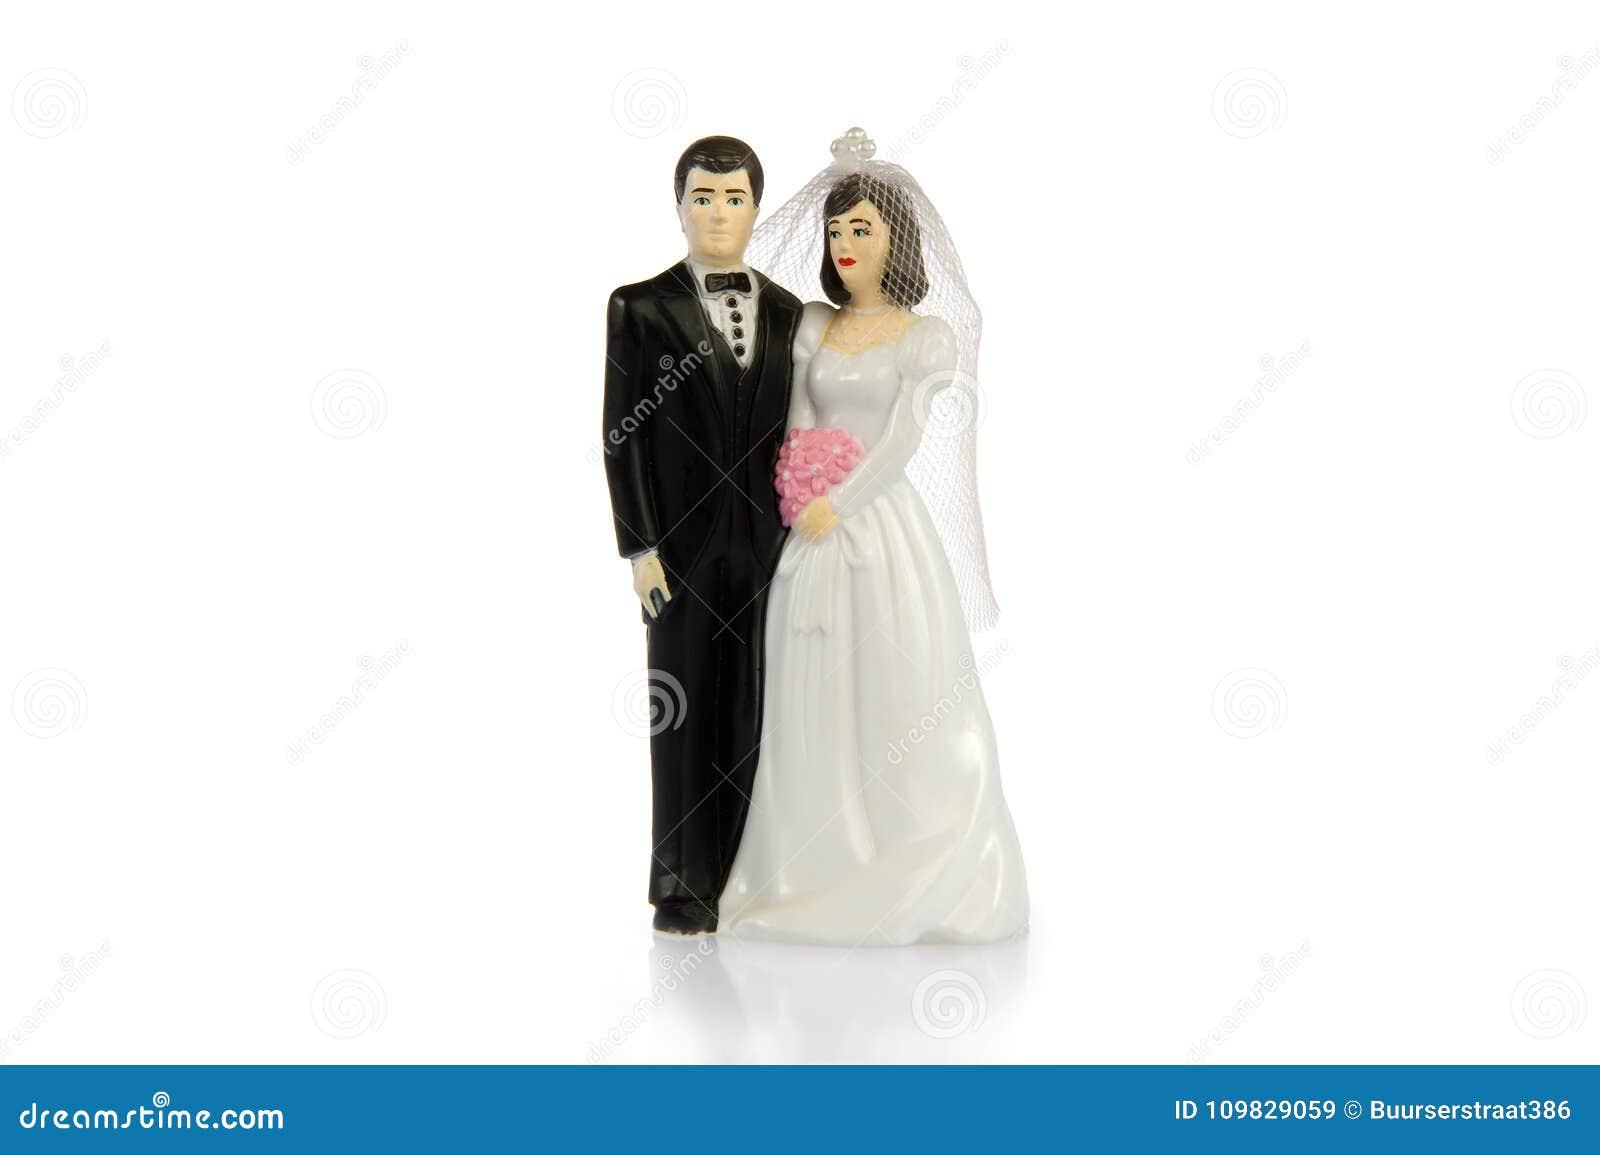 Socialförsäkrings kalkylator för gifta par